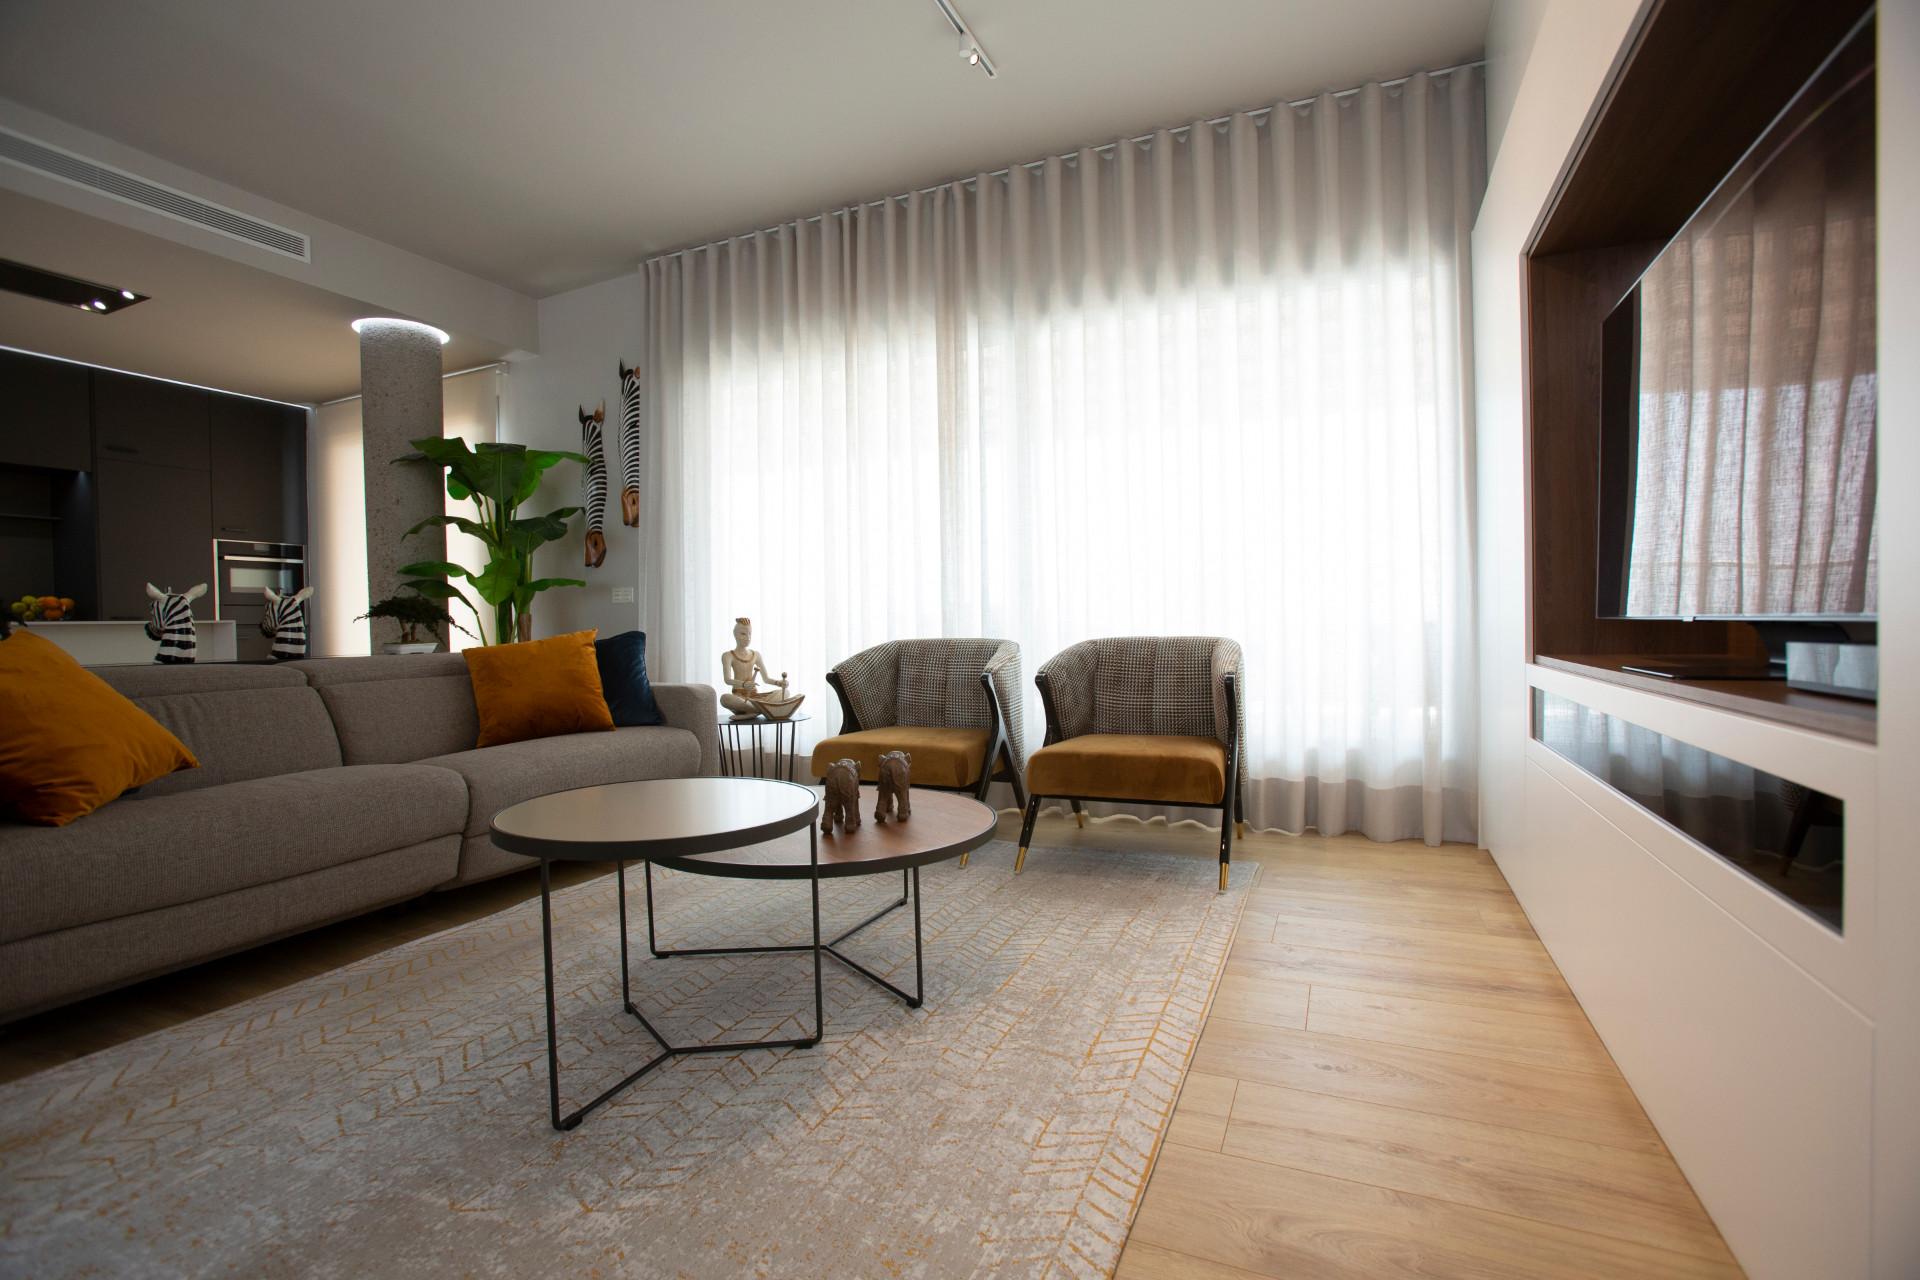 proyectos-interiorismo-interioristas-diseno-interiores-viviendas-particulares-alto-standing-casas-pueblo-chalets-adosados-urbanizaciones-lujo-05